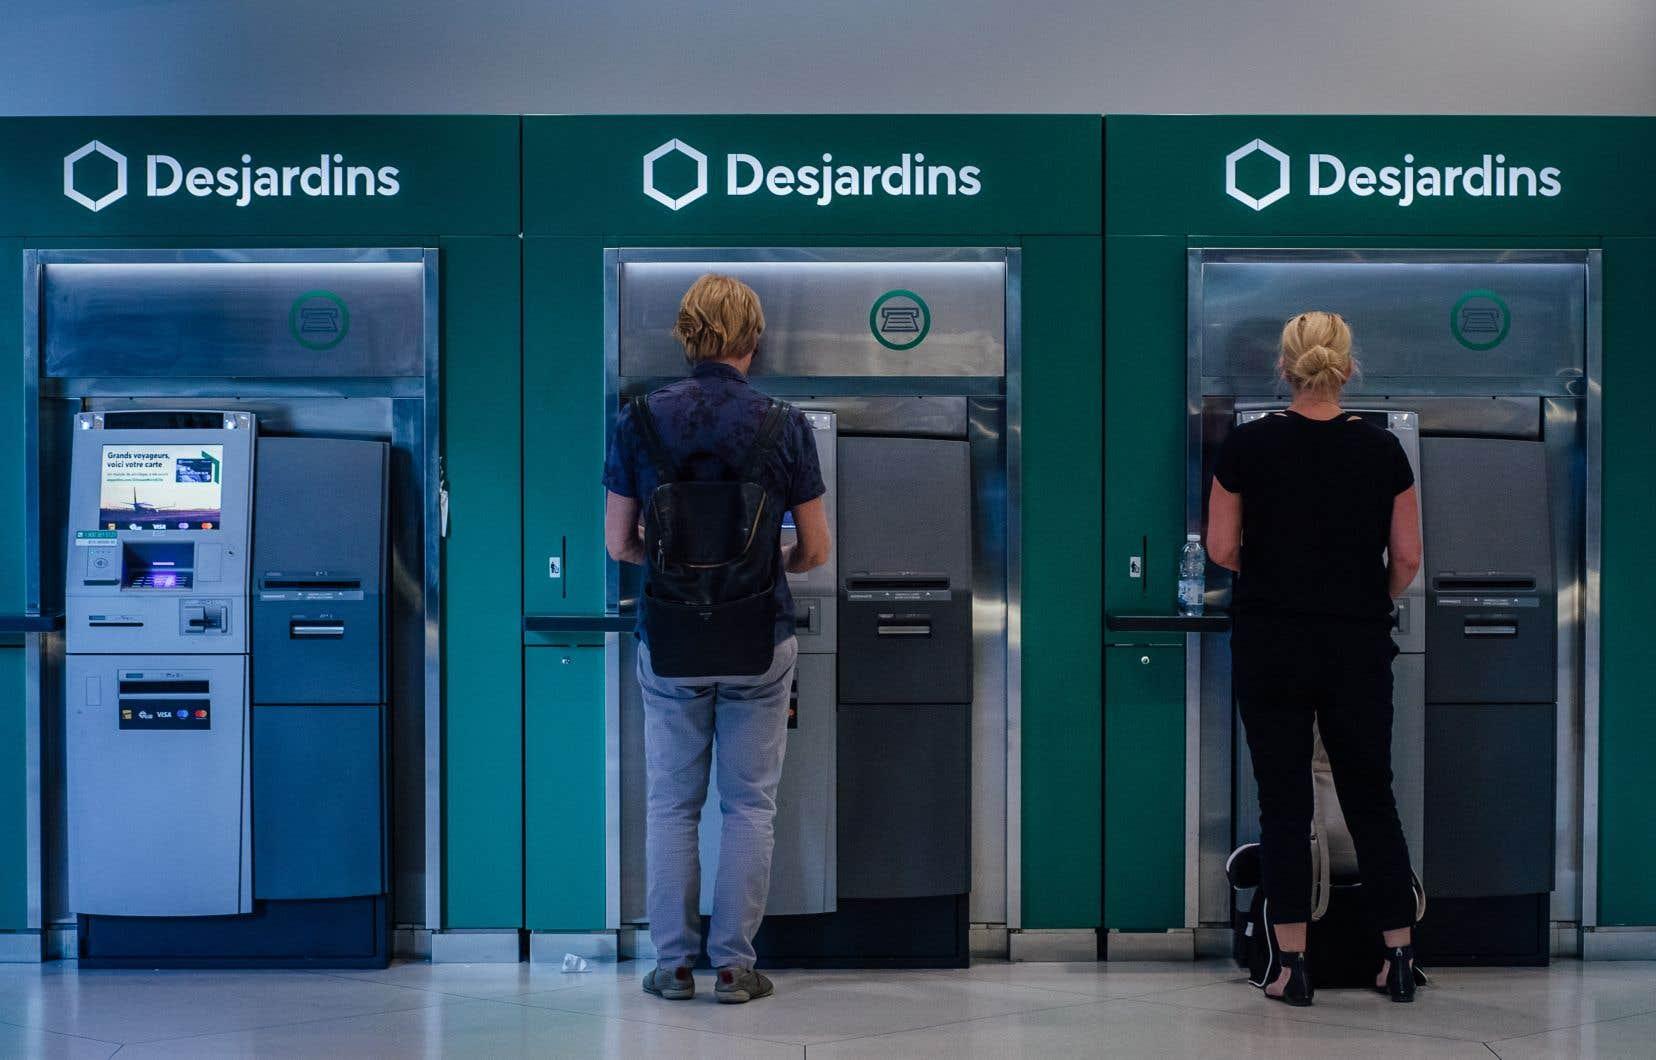 En date du 31 décembre 2020, l'actif total de Desjardins se chiffrait à 362 milliards, en hausse de 15,7% sur un an.